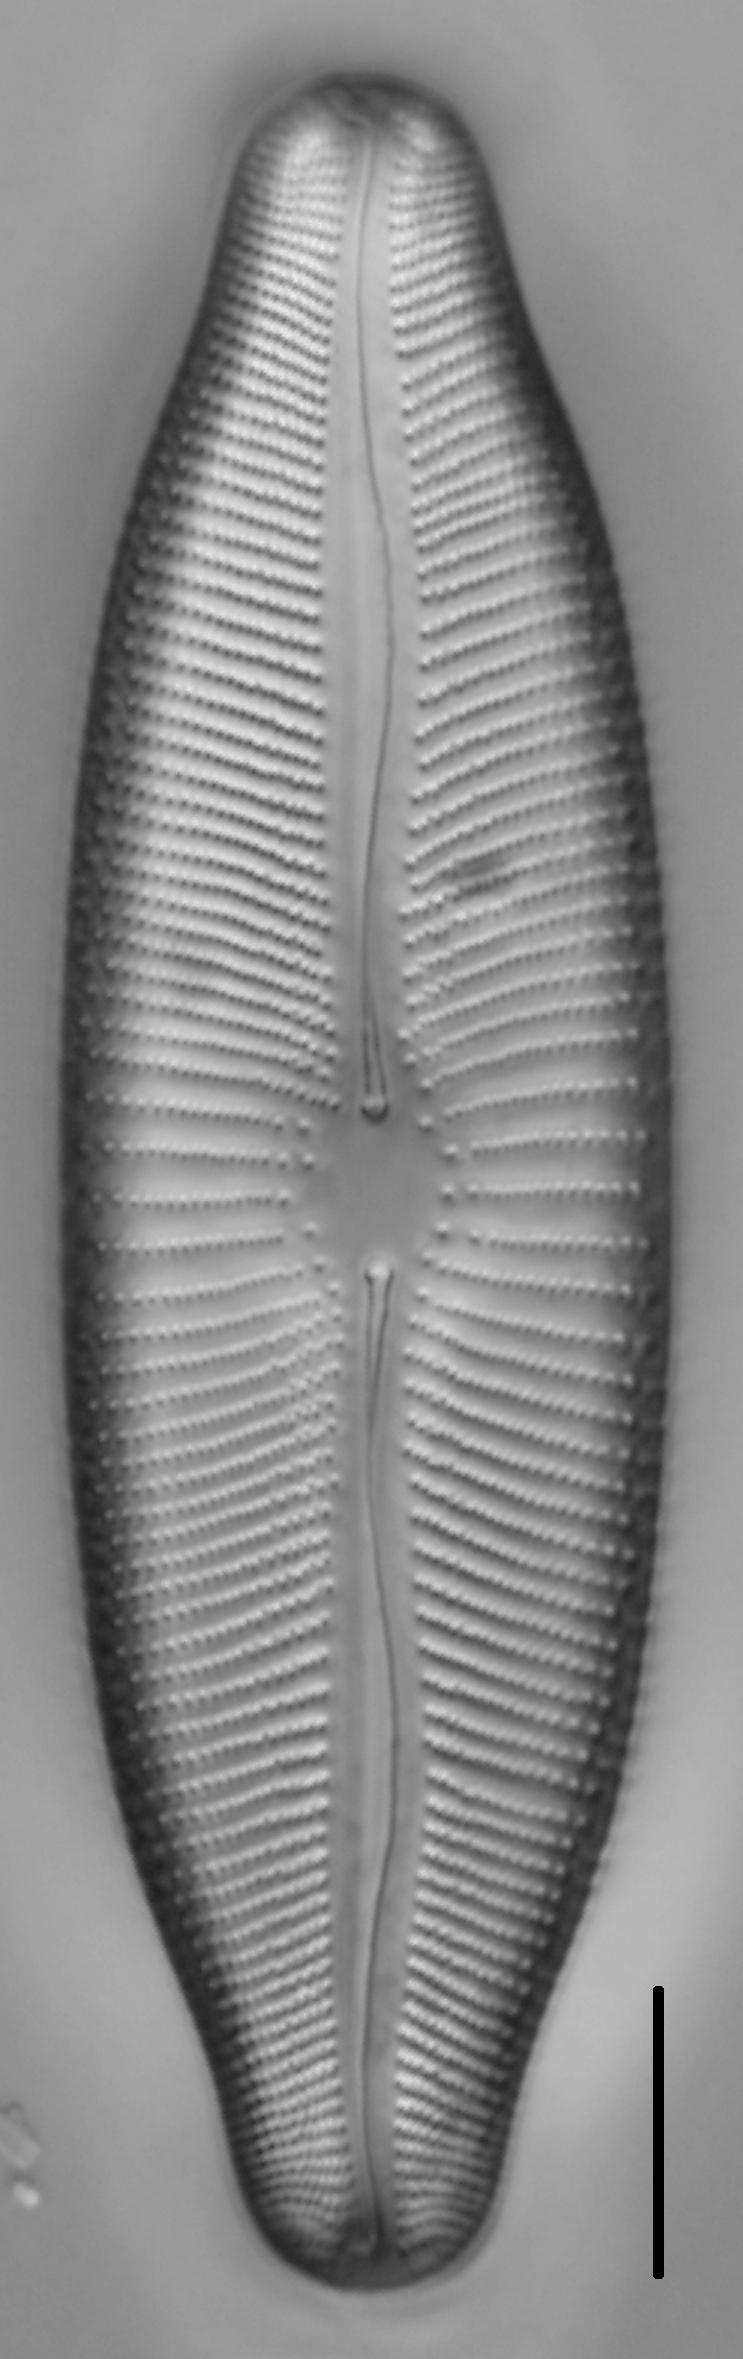 Rexlowea navicularis LM3